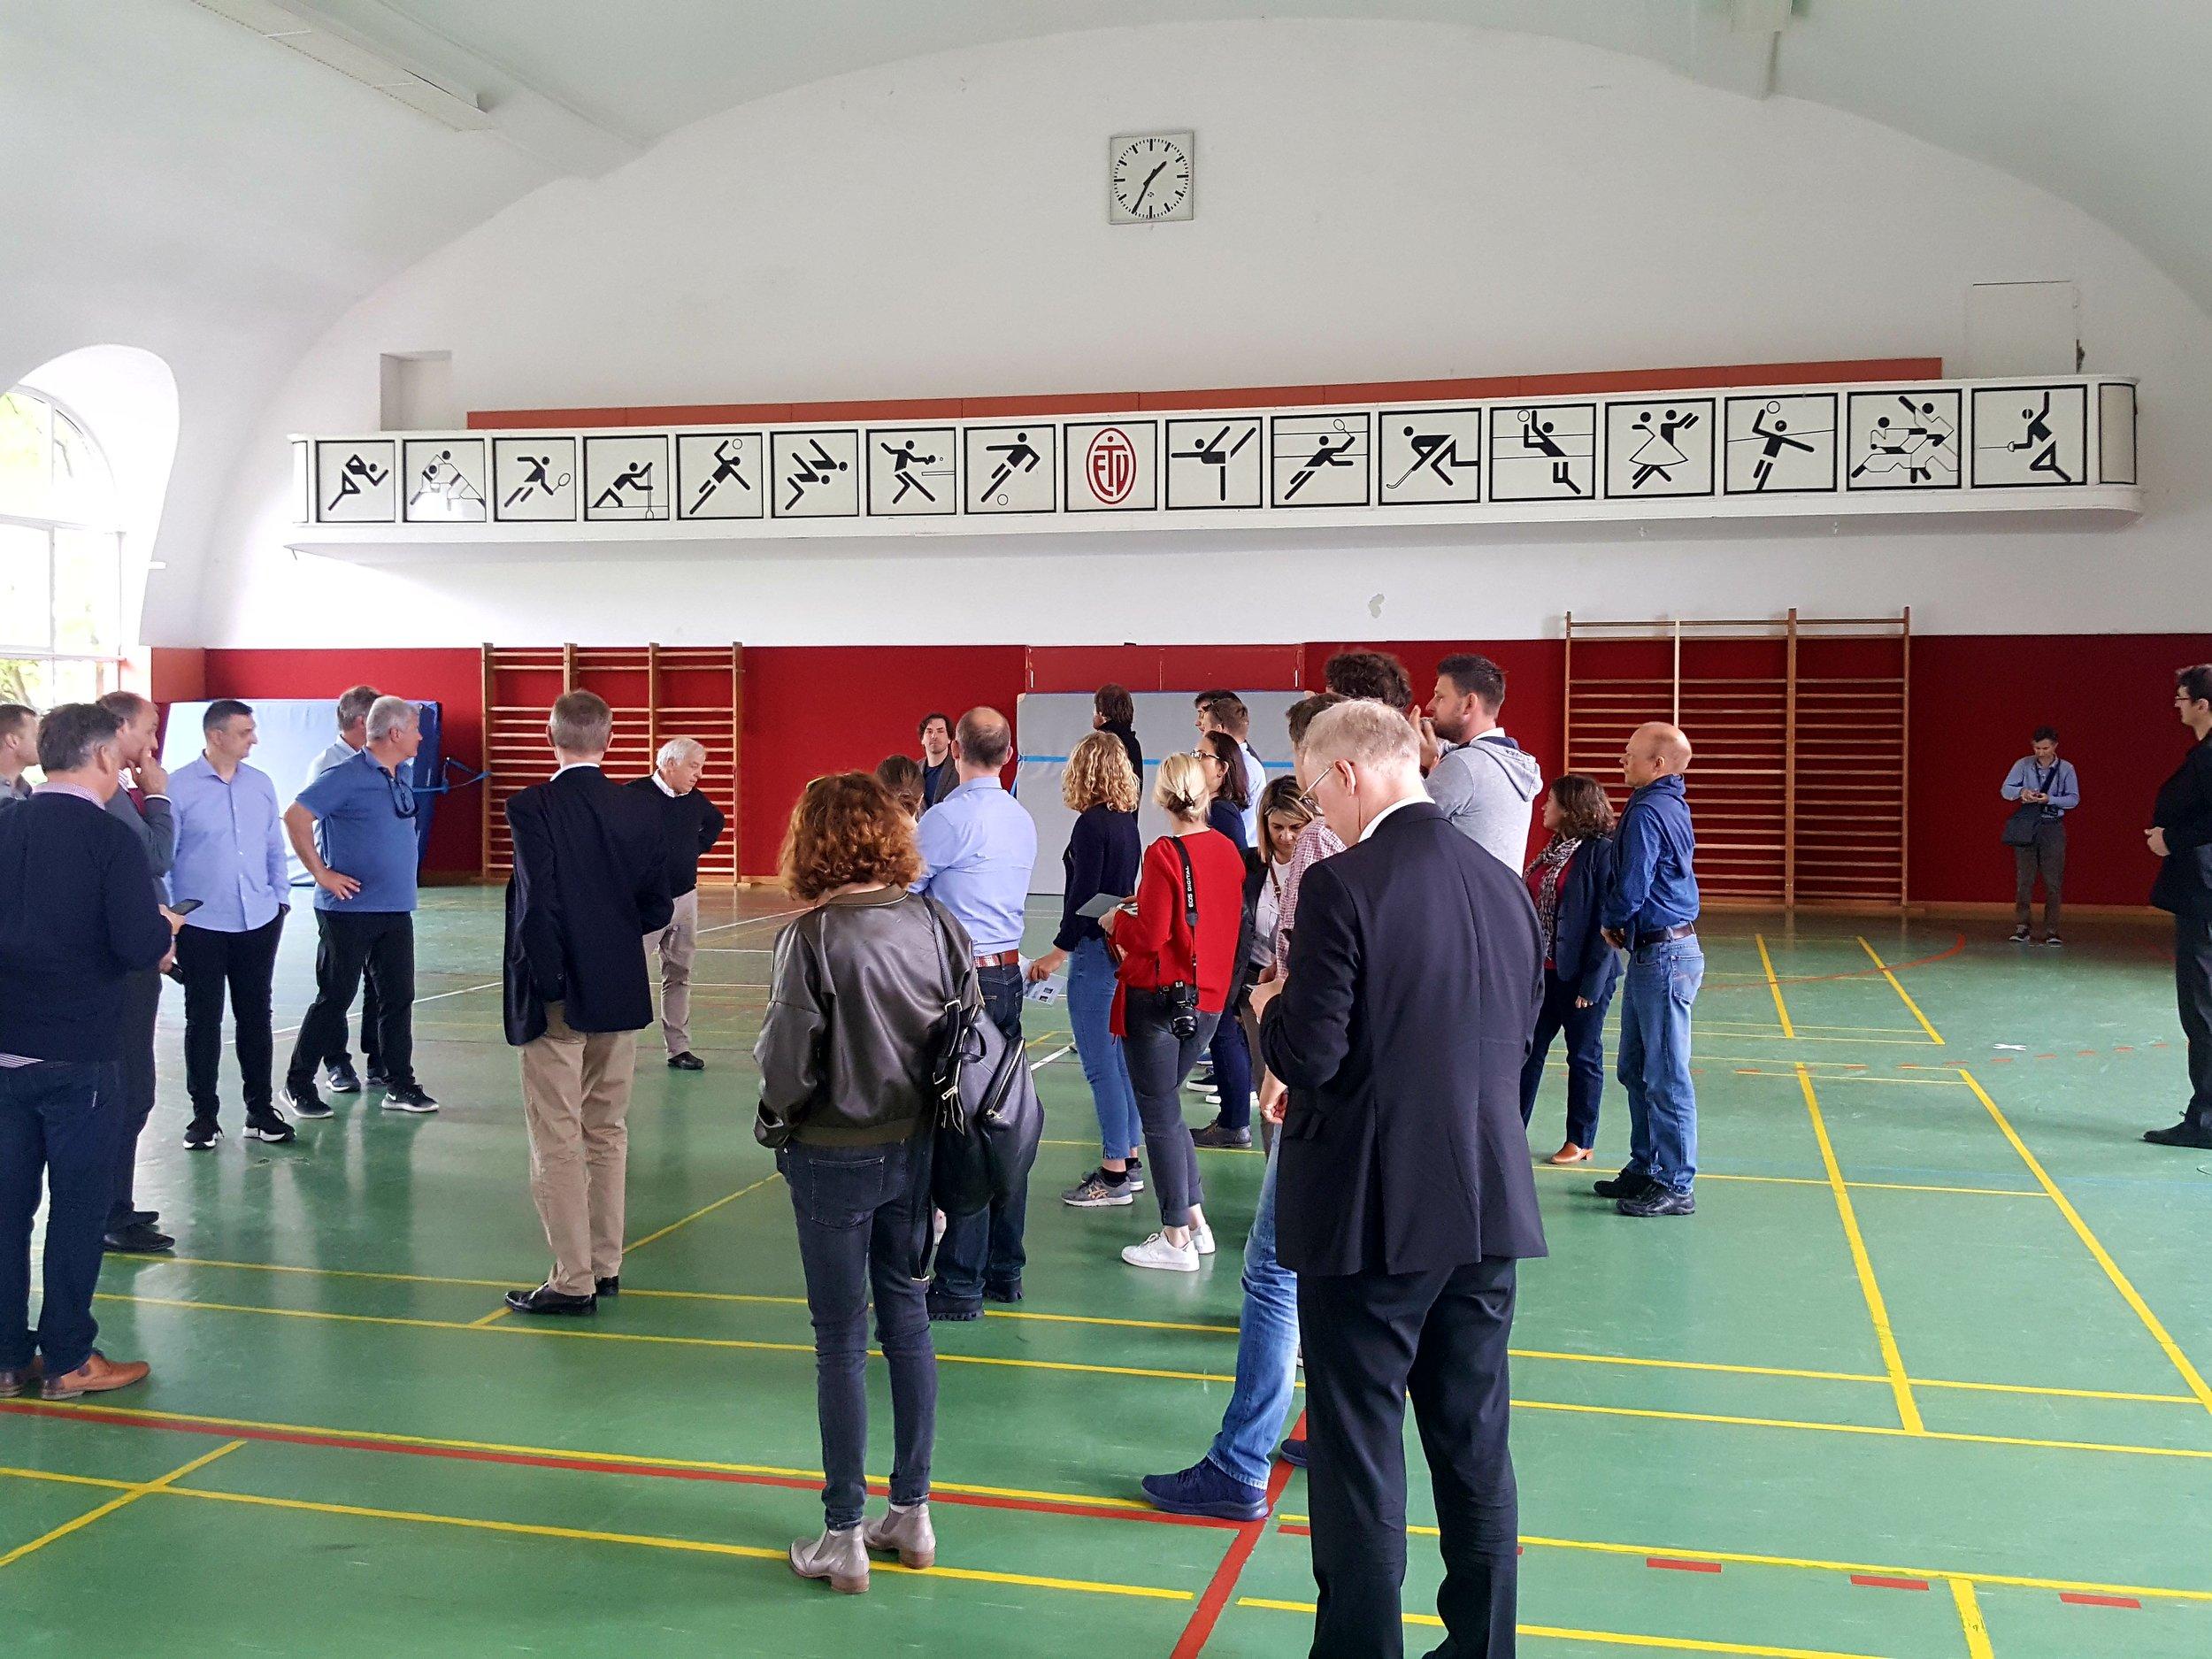 Selv om gulvet er hævet fem meter i Eimsbütteler TV's gamle gymnastikhal, er der stadig højt nok til loftet til volleyball i 3. Liga.  Foto: Henrik H. Brandt